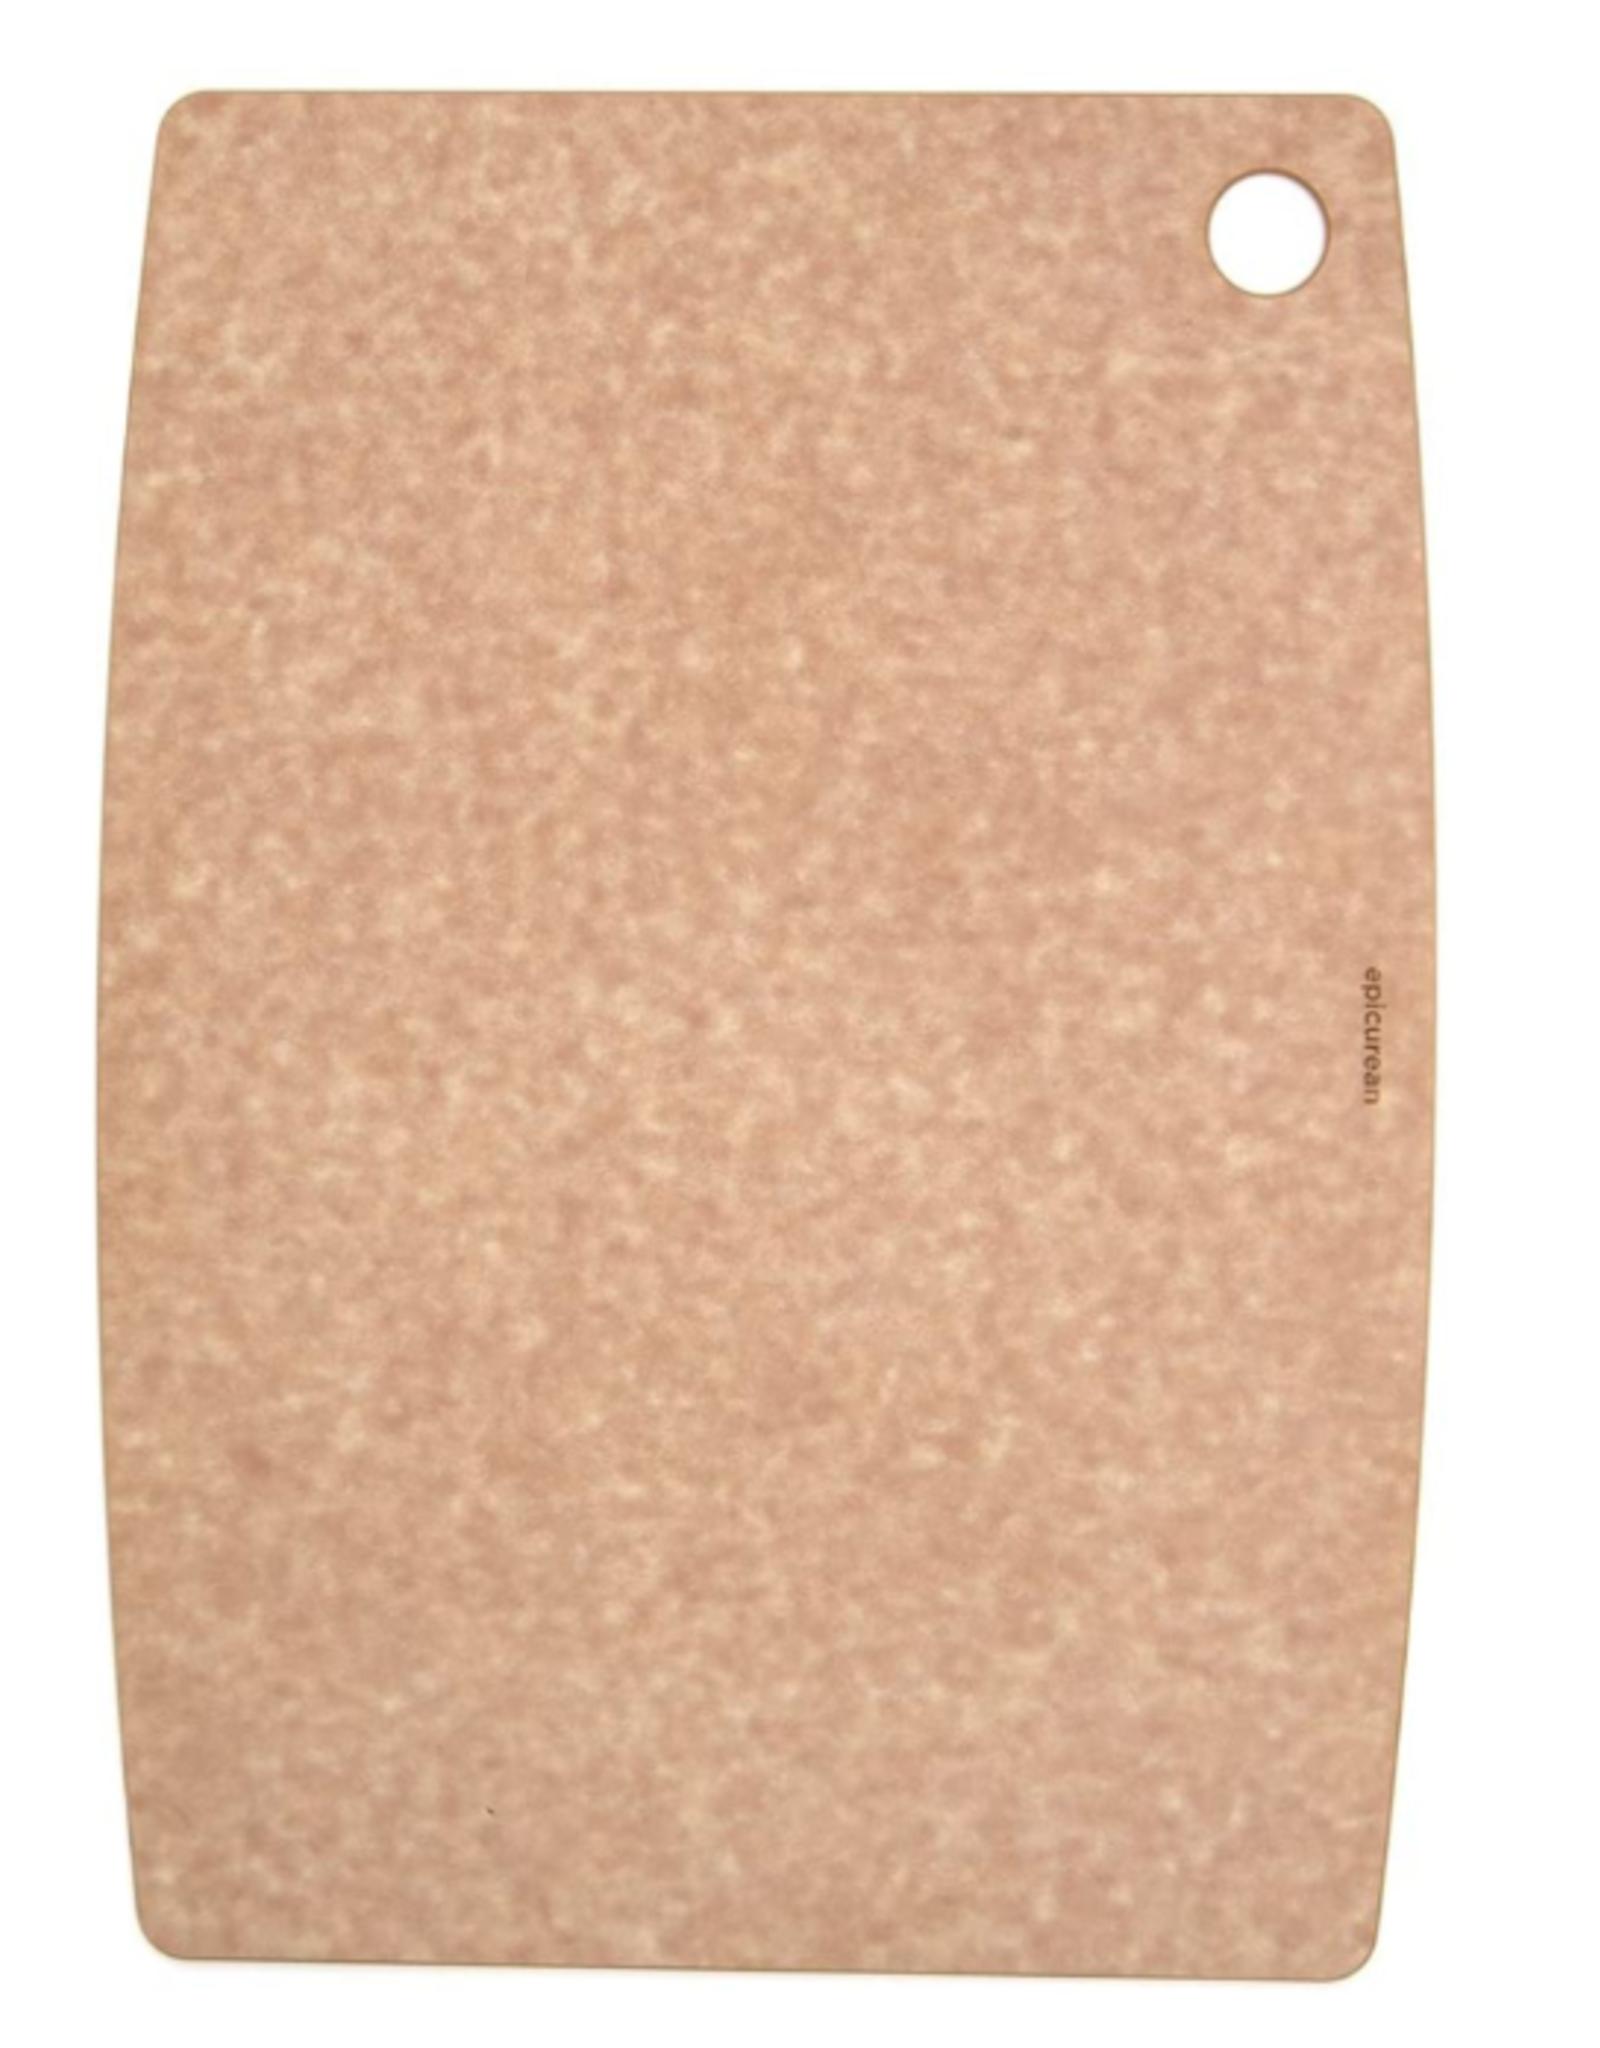 Epicurean Epicurean KS 18X13 Natural Cutting Board